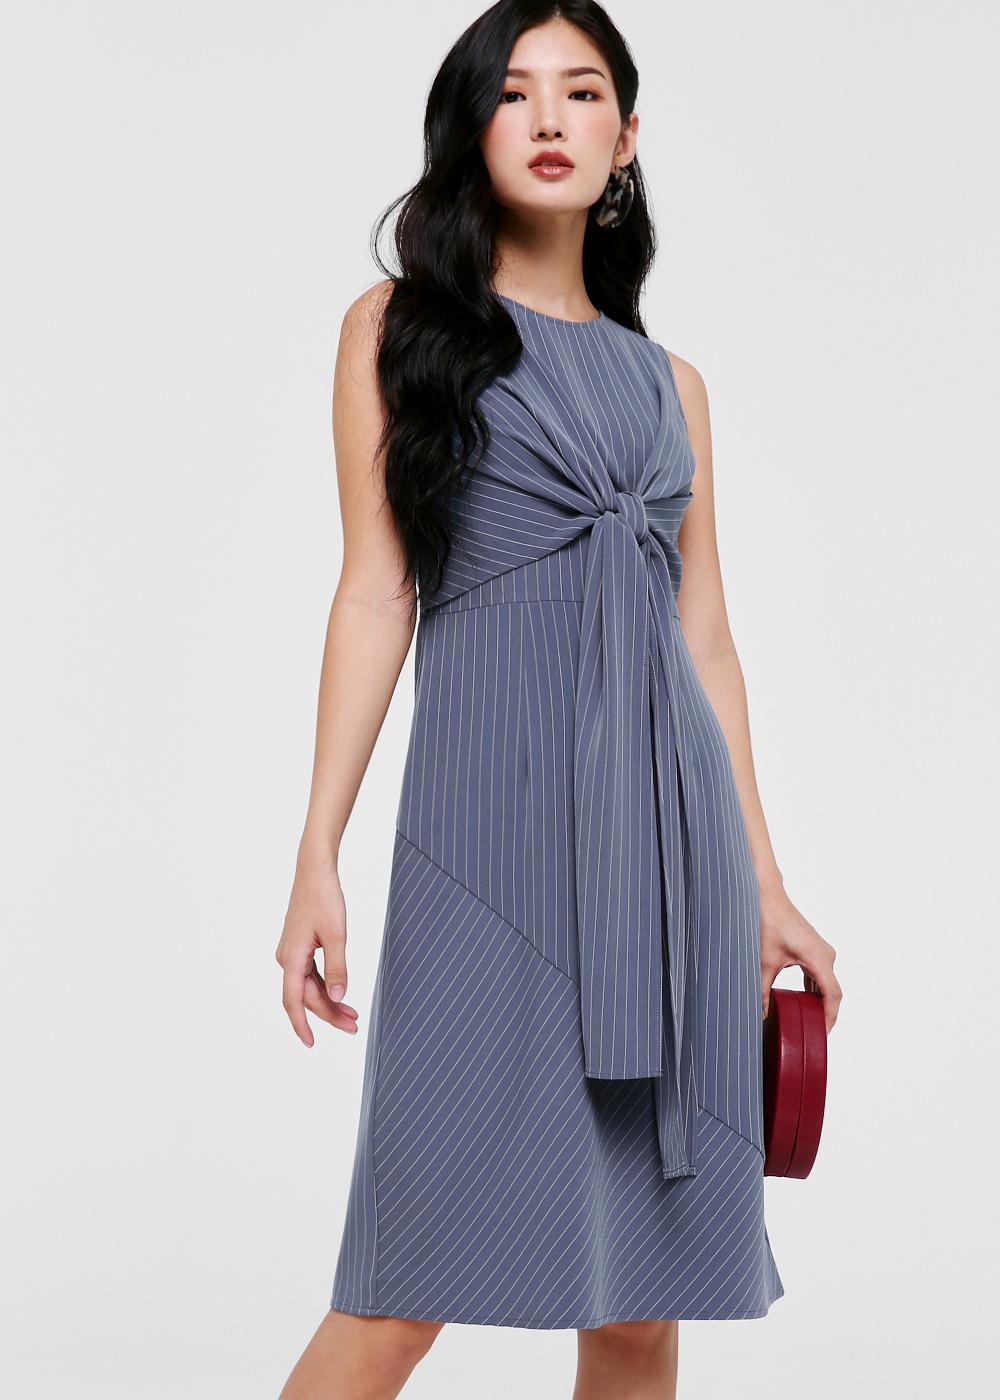 Helexa Tie Front Midi Dress